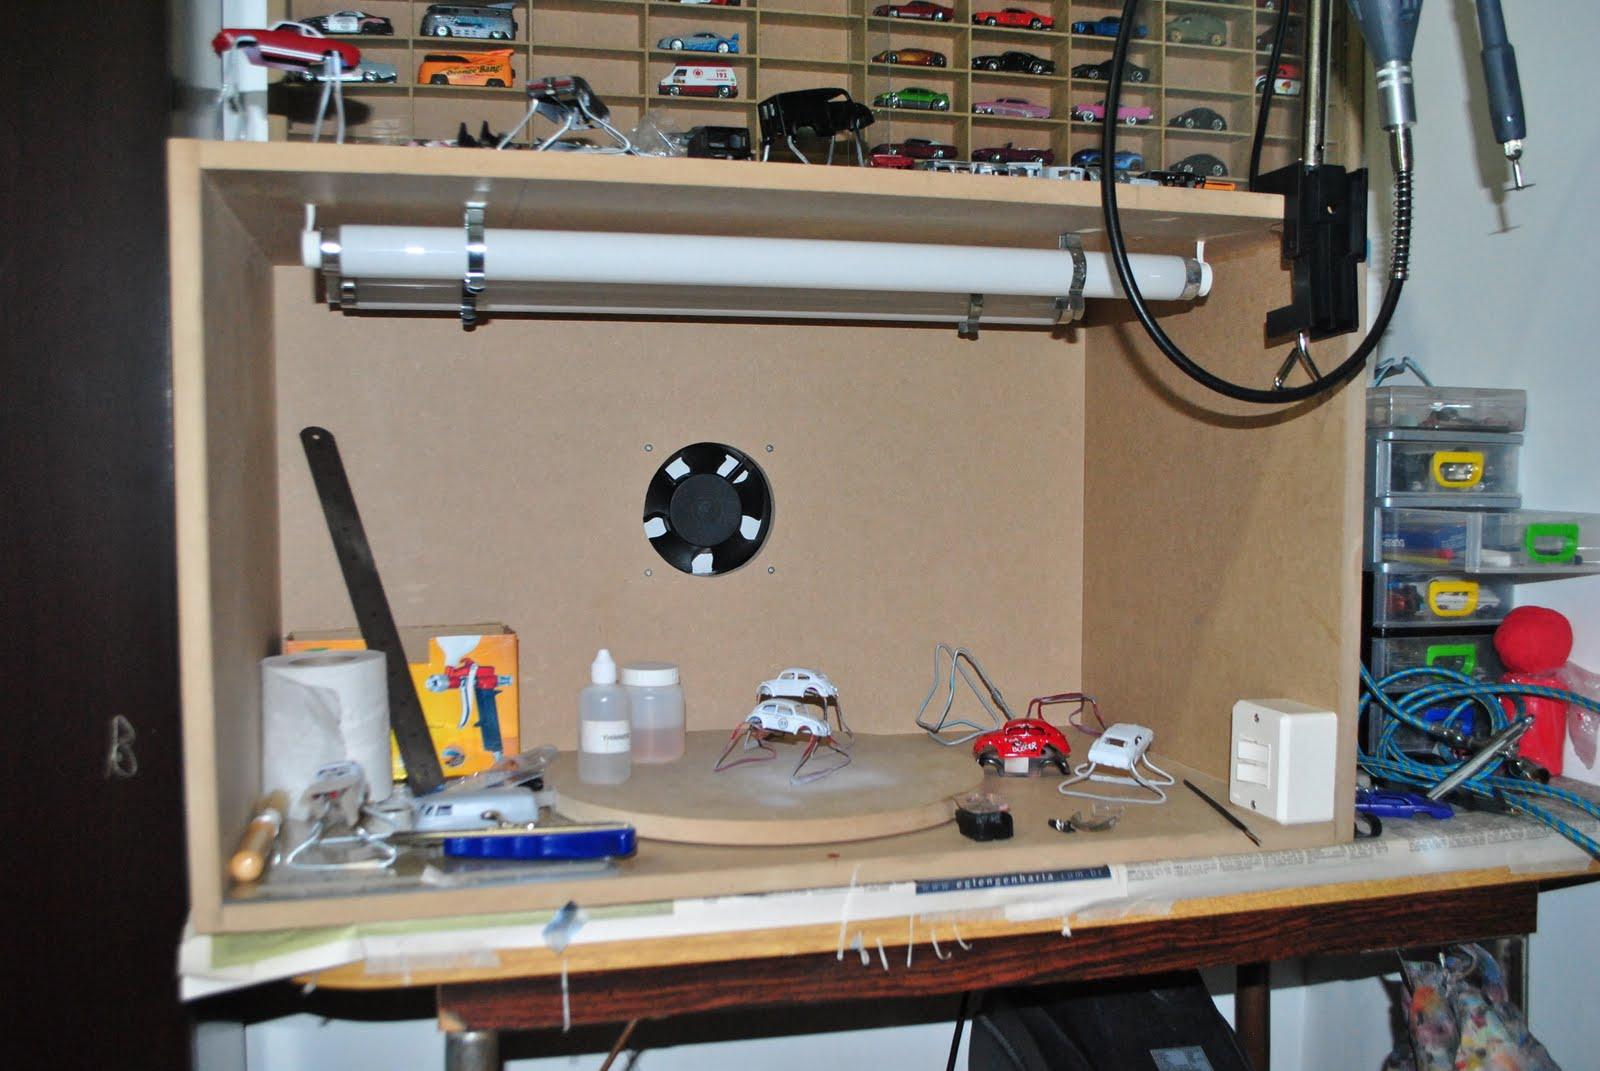 Spider customs cabine de pintura - Estufa para habitacion pequena ...